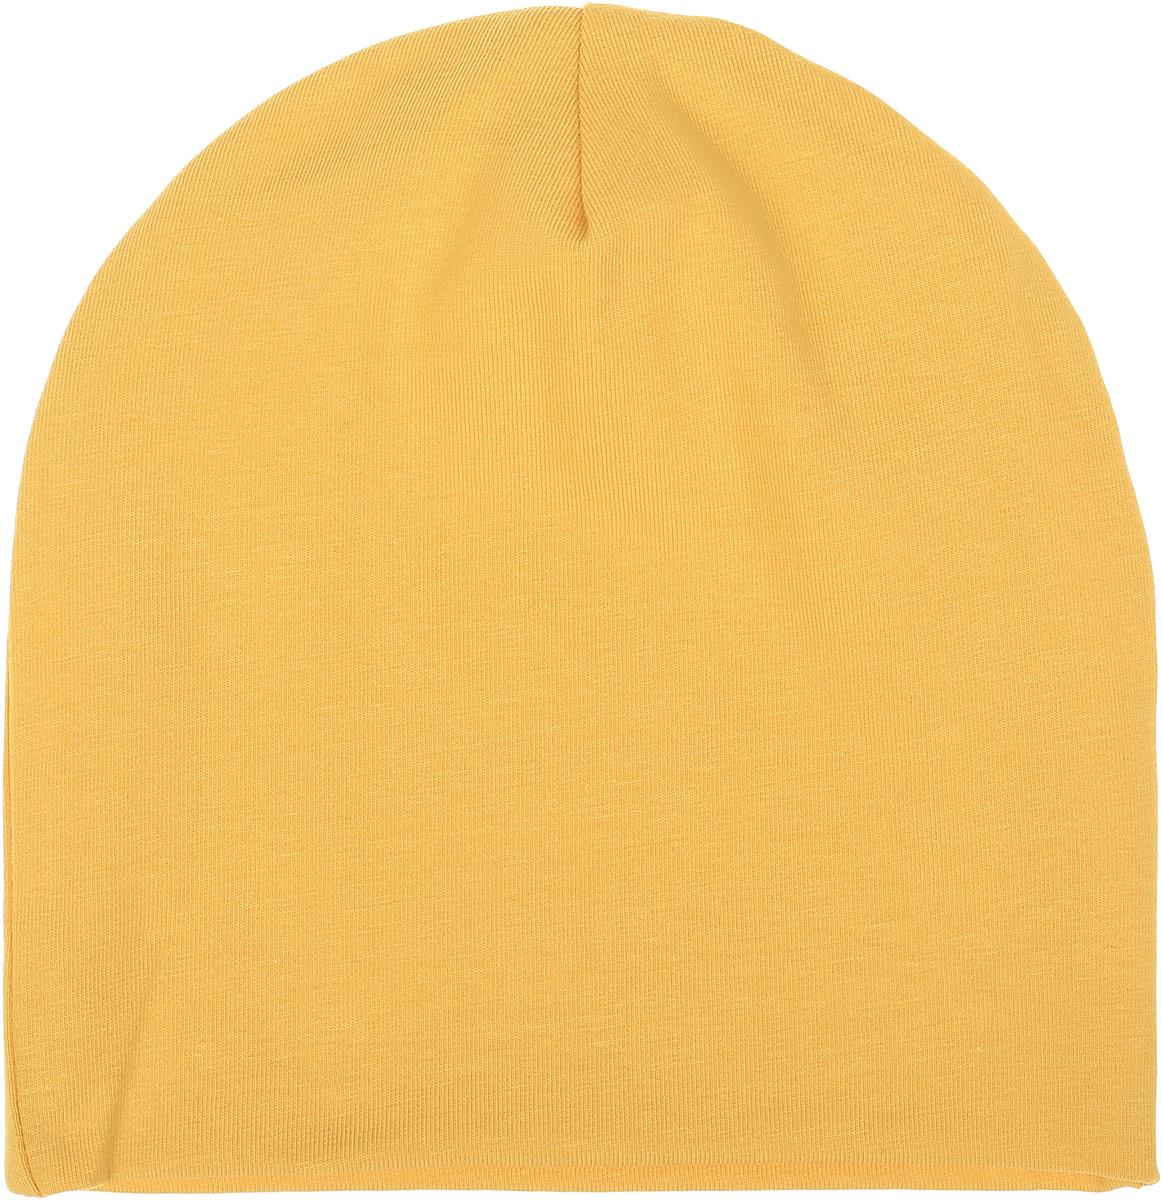 Шапка детская45-605Теплая шапка для мальчика Ёмаё выполнена из сочетания высококачественного хлопка с эластаном. Шапка выполнена в лаконичном однотонном стиле. Уважаемые клиенты! Размер, доступный для заказа, является обхватом головы.